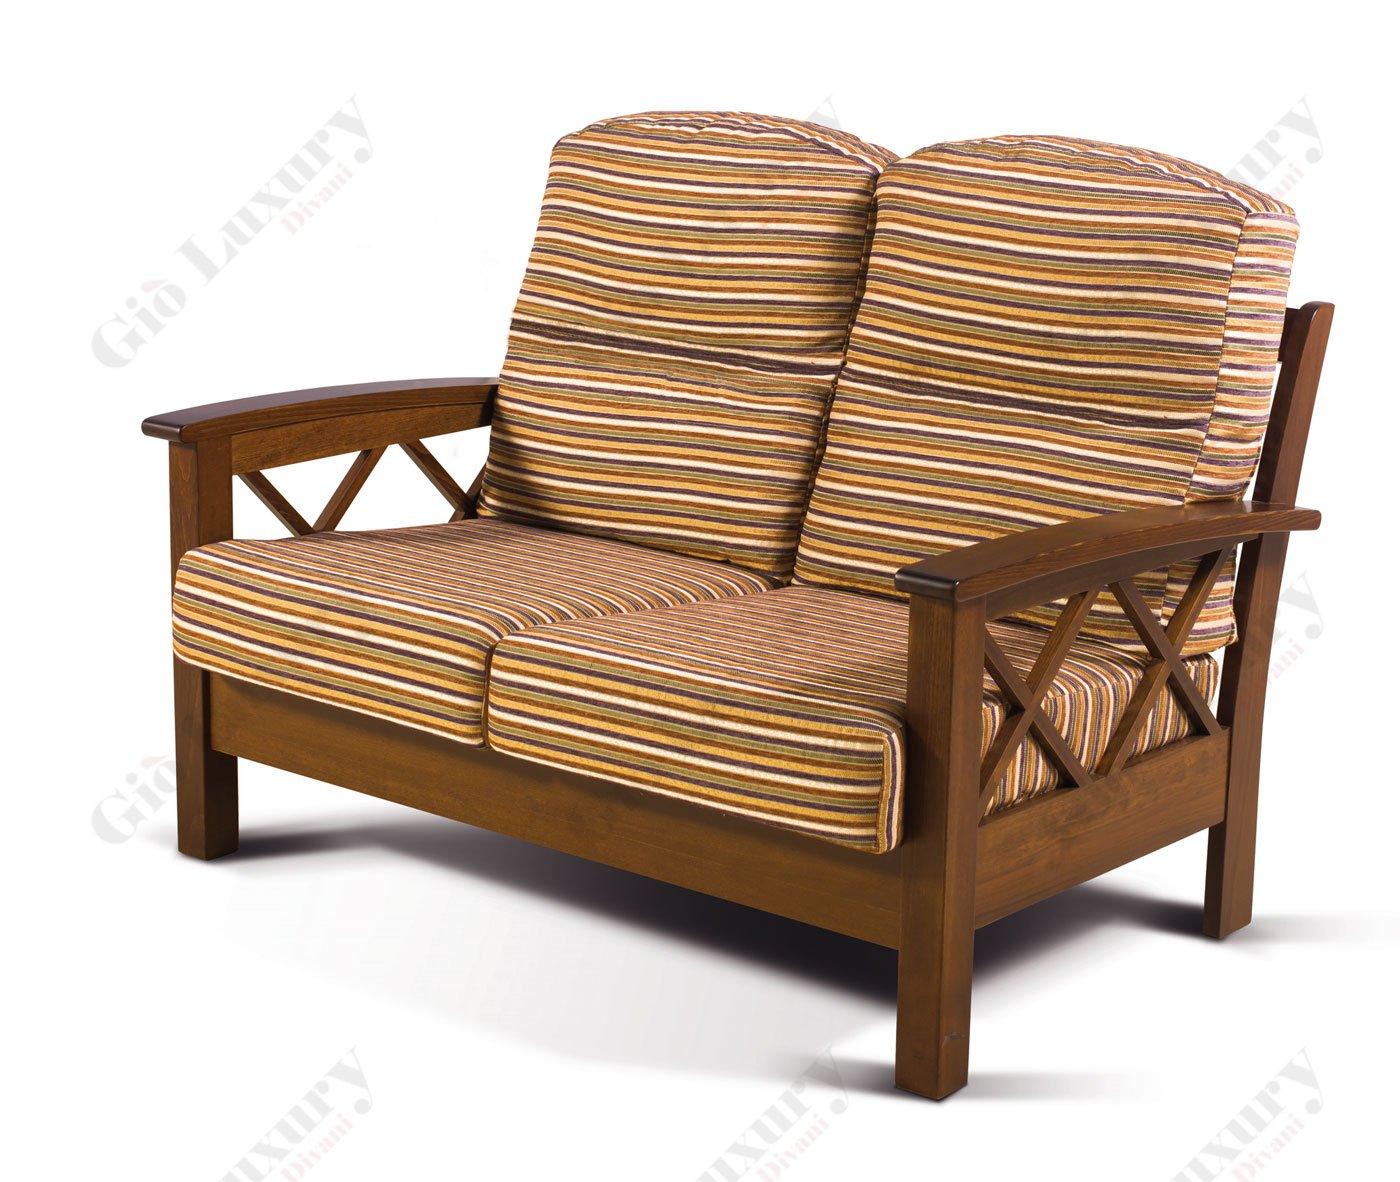 Divani in legno arte povera 28 images divano 3 posti - Divani letto rustici in legno ...